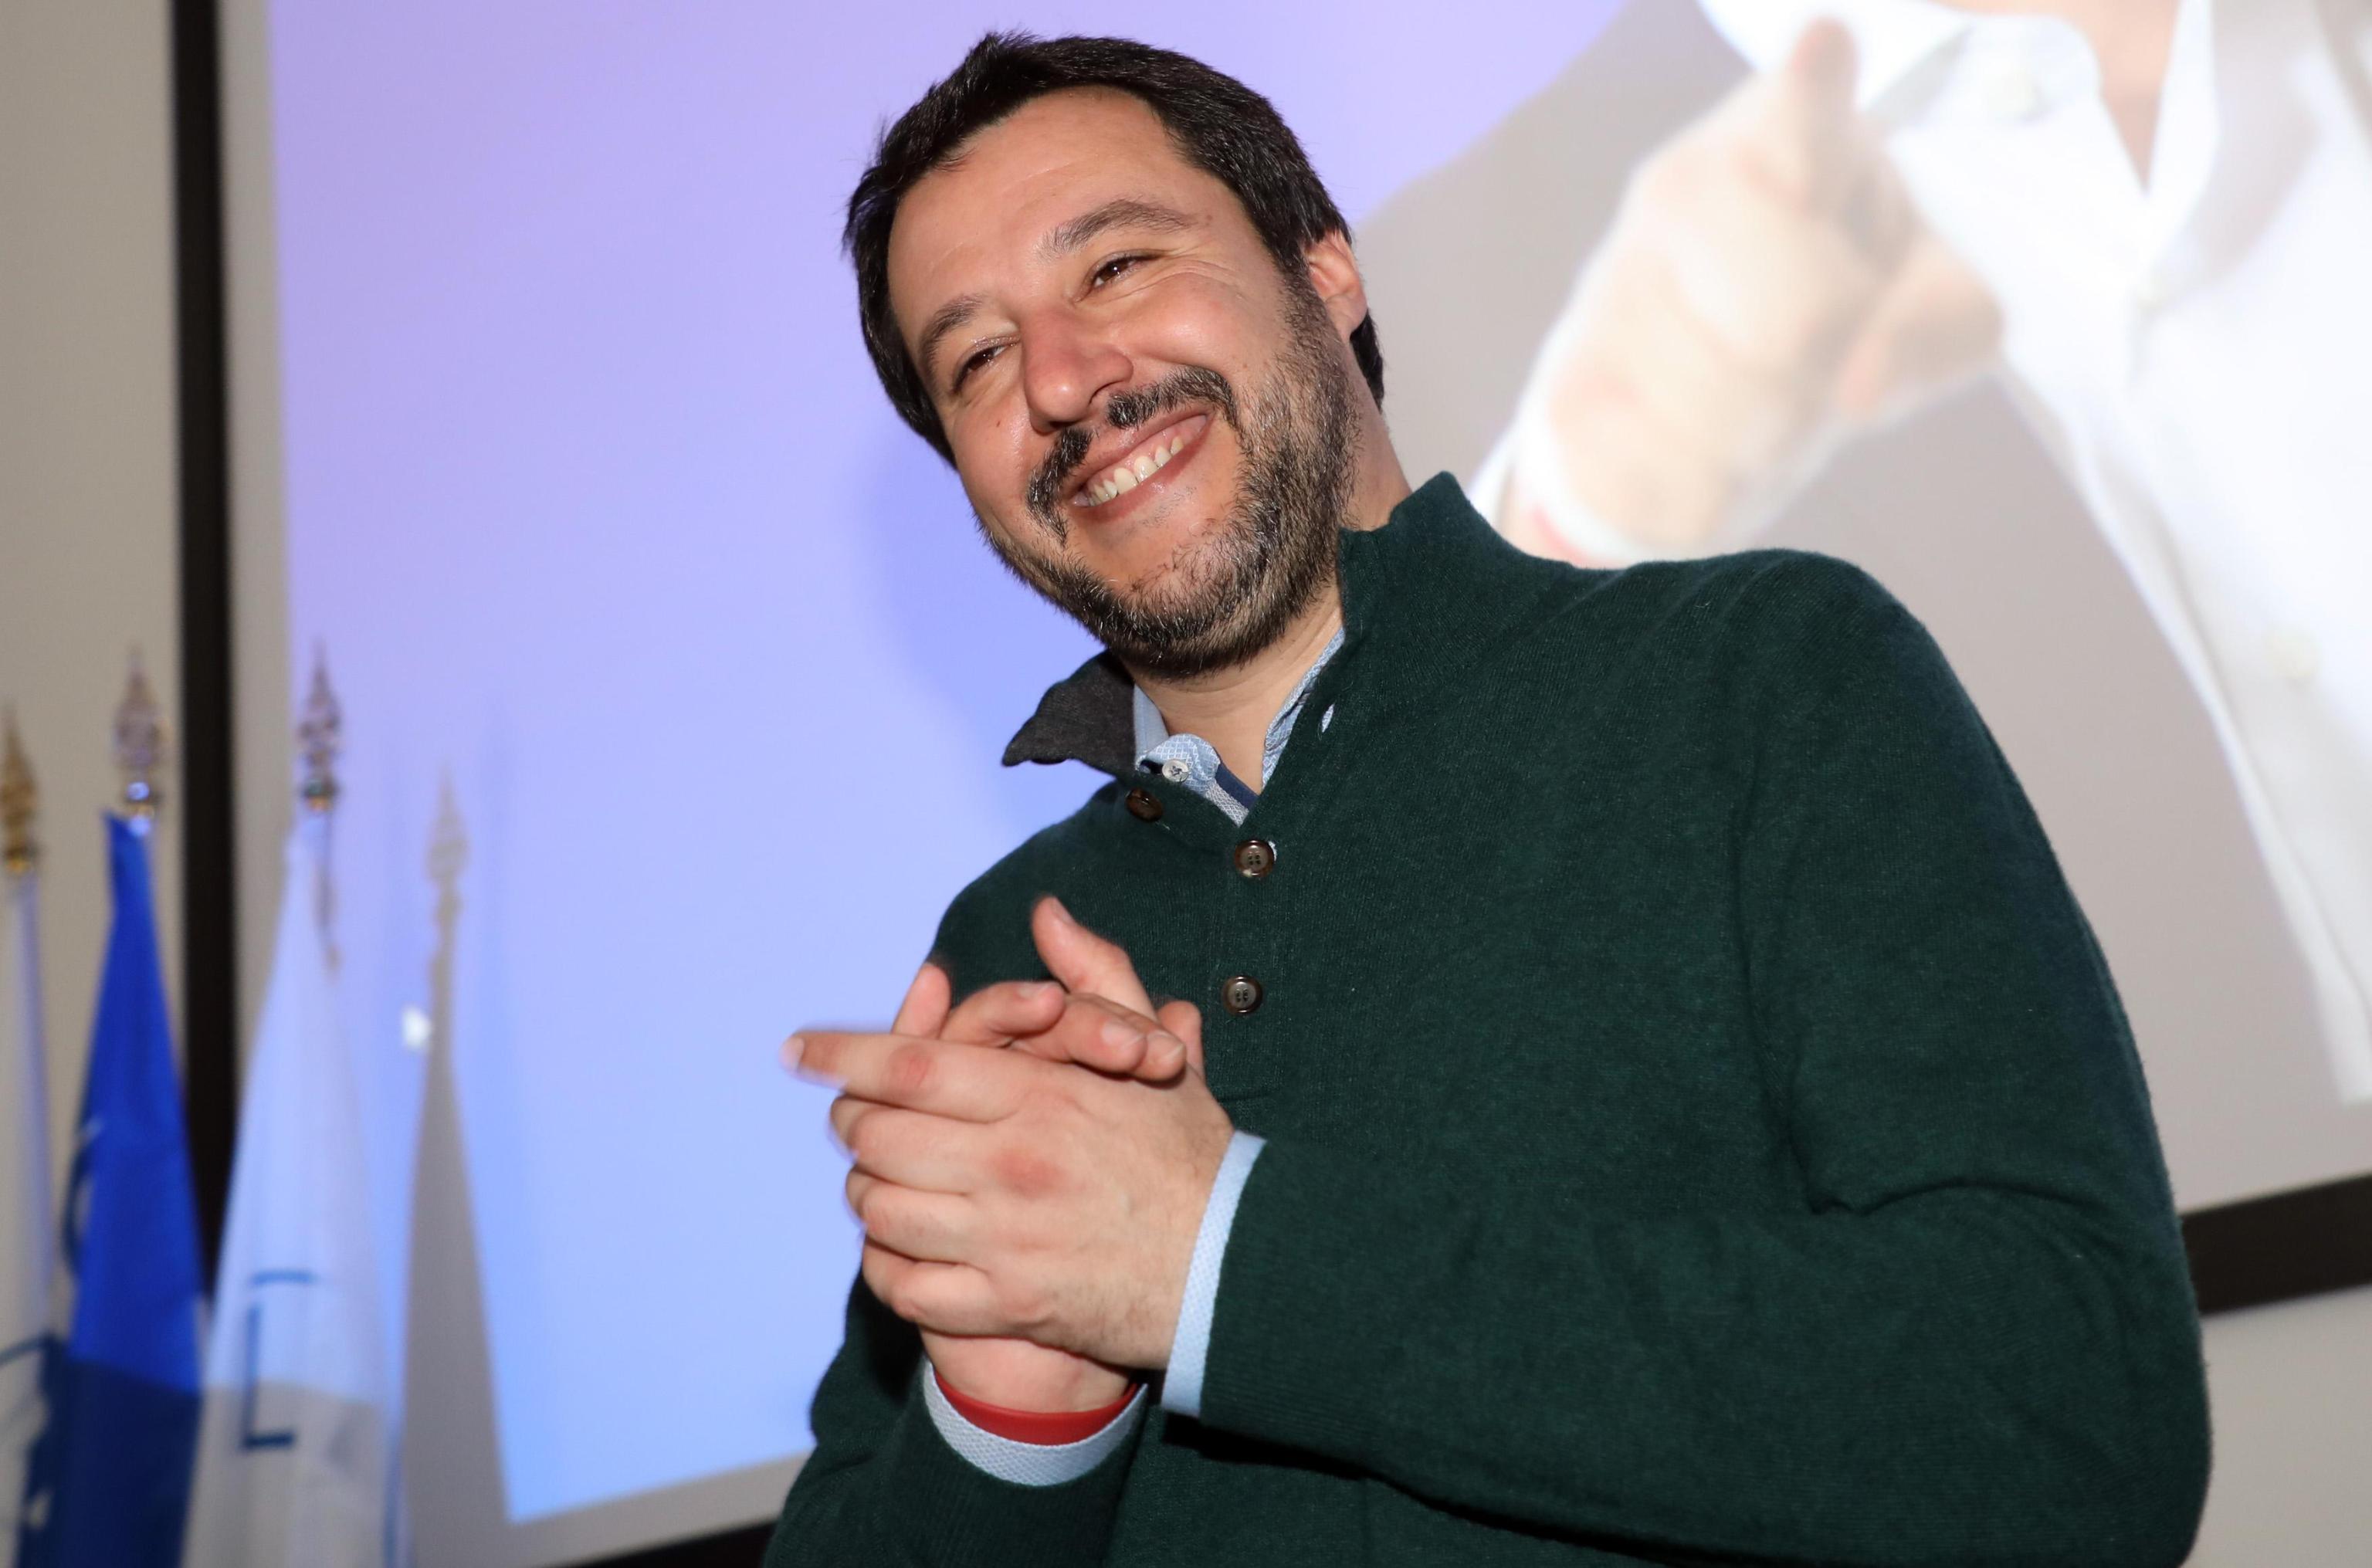 Salvini va in gelateria e la commessa non lo serve, licenziata: polemiche sul web